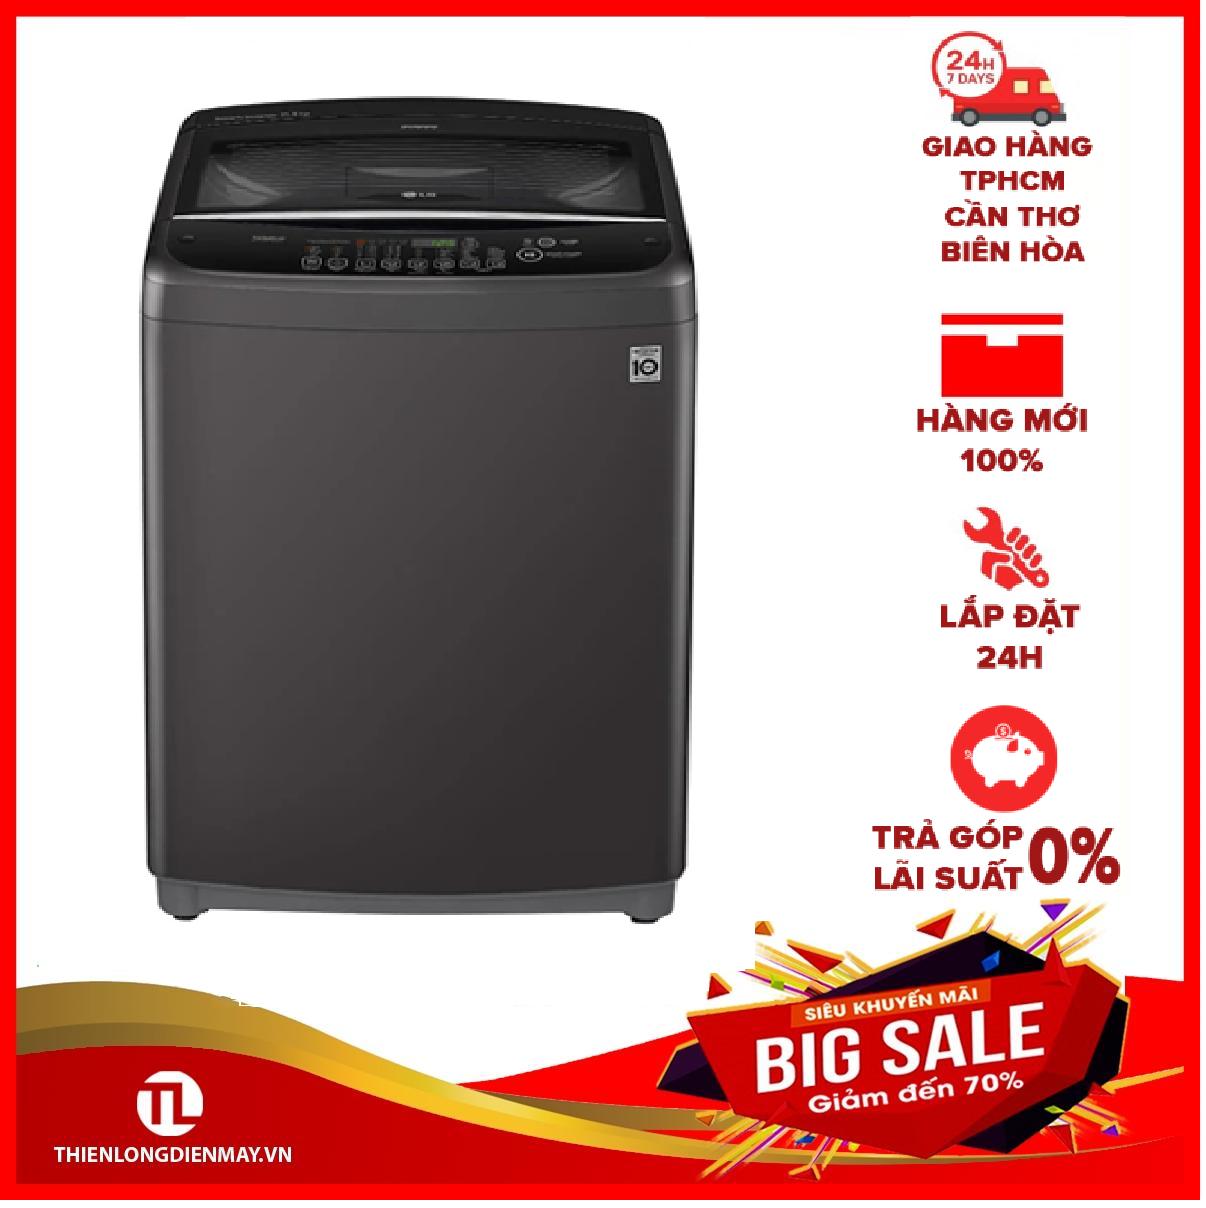 [GIAO HÀNG 2 - 15 NGÀY, TRỄ NHẤT 15.08] [Trả góp 0%]Máy giặt LG 11.5 KG T2351VSAB